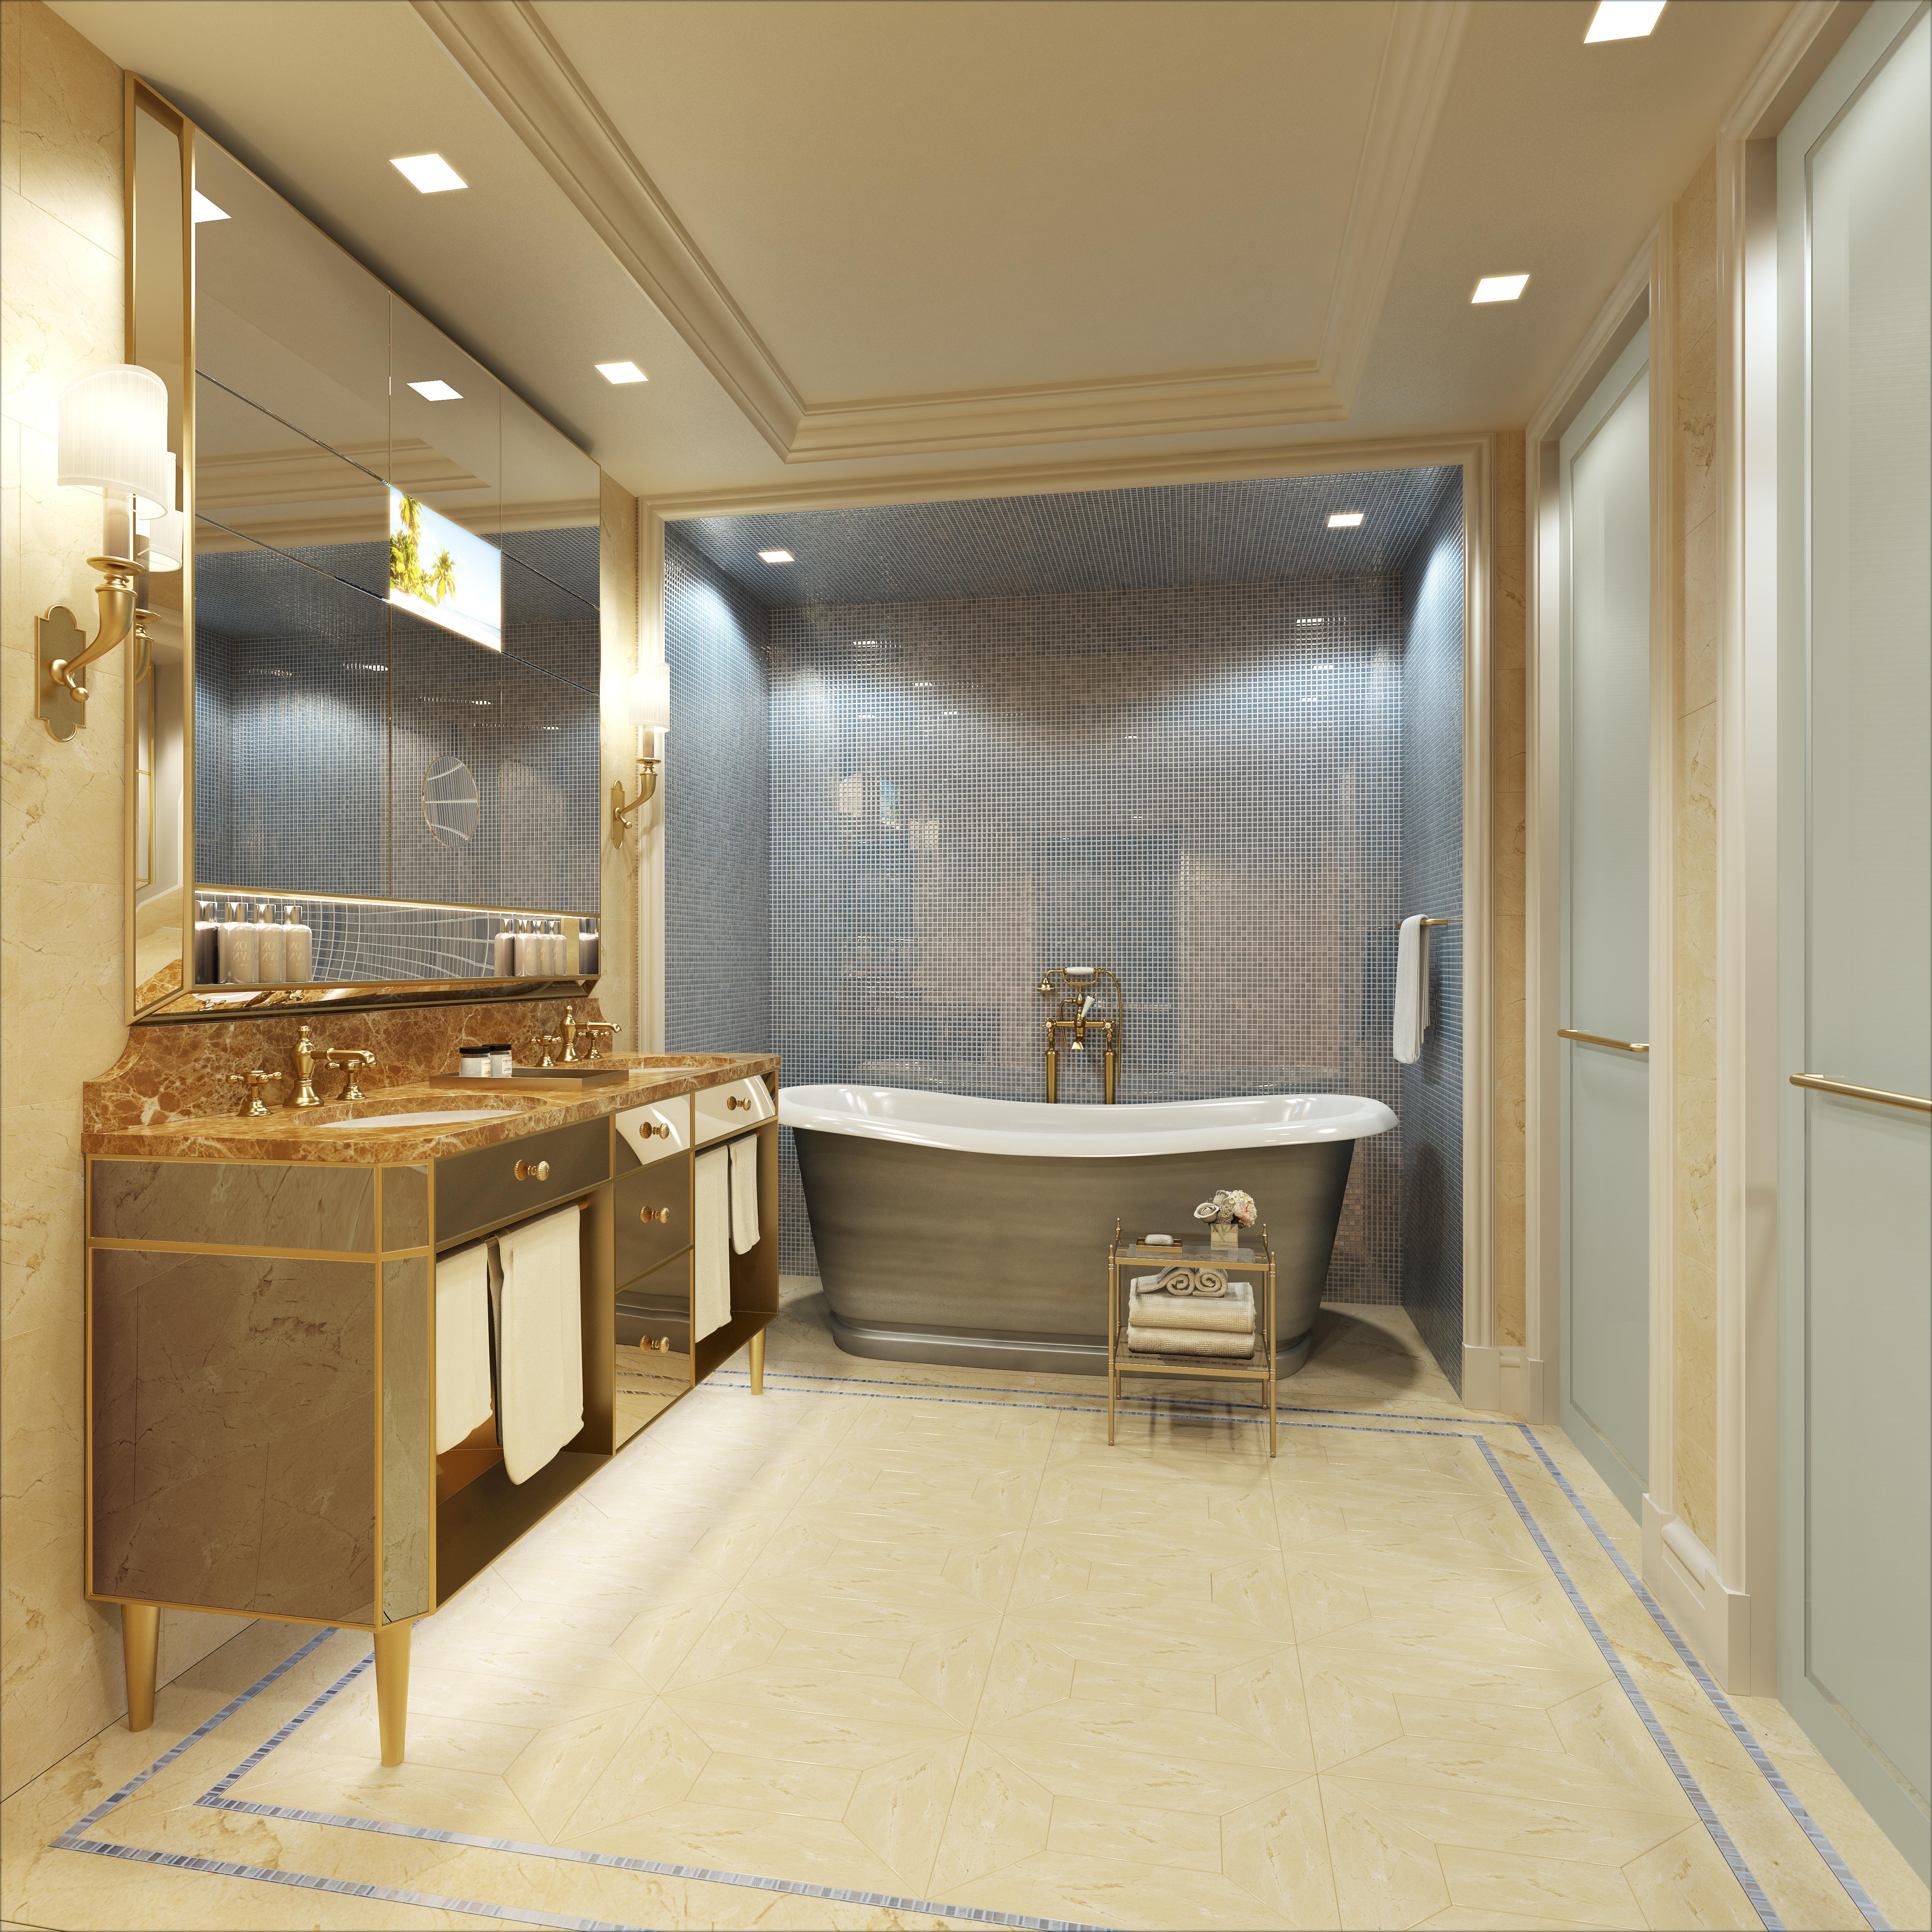 Executive_Bathroom_V1_003